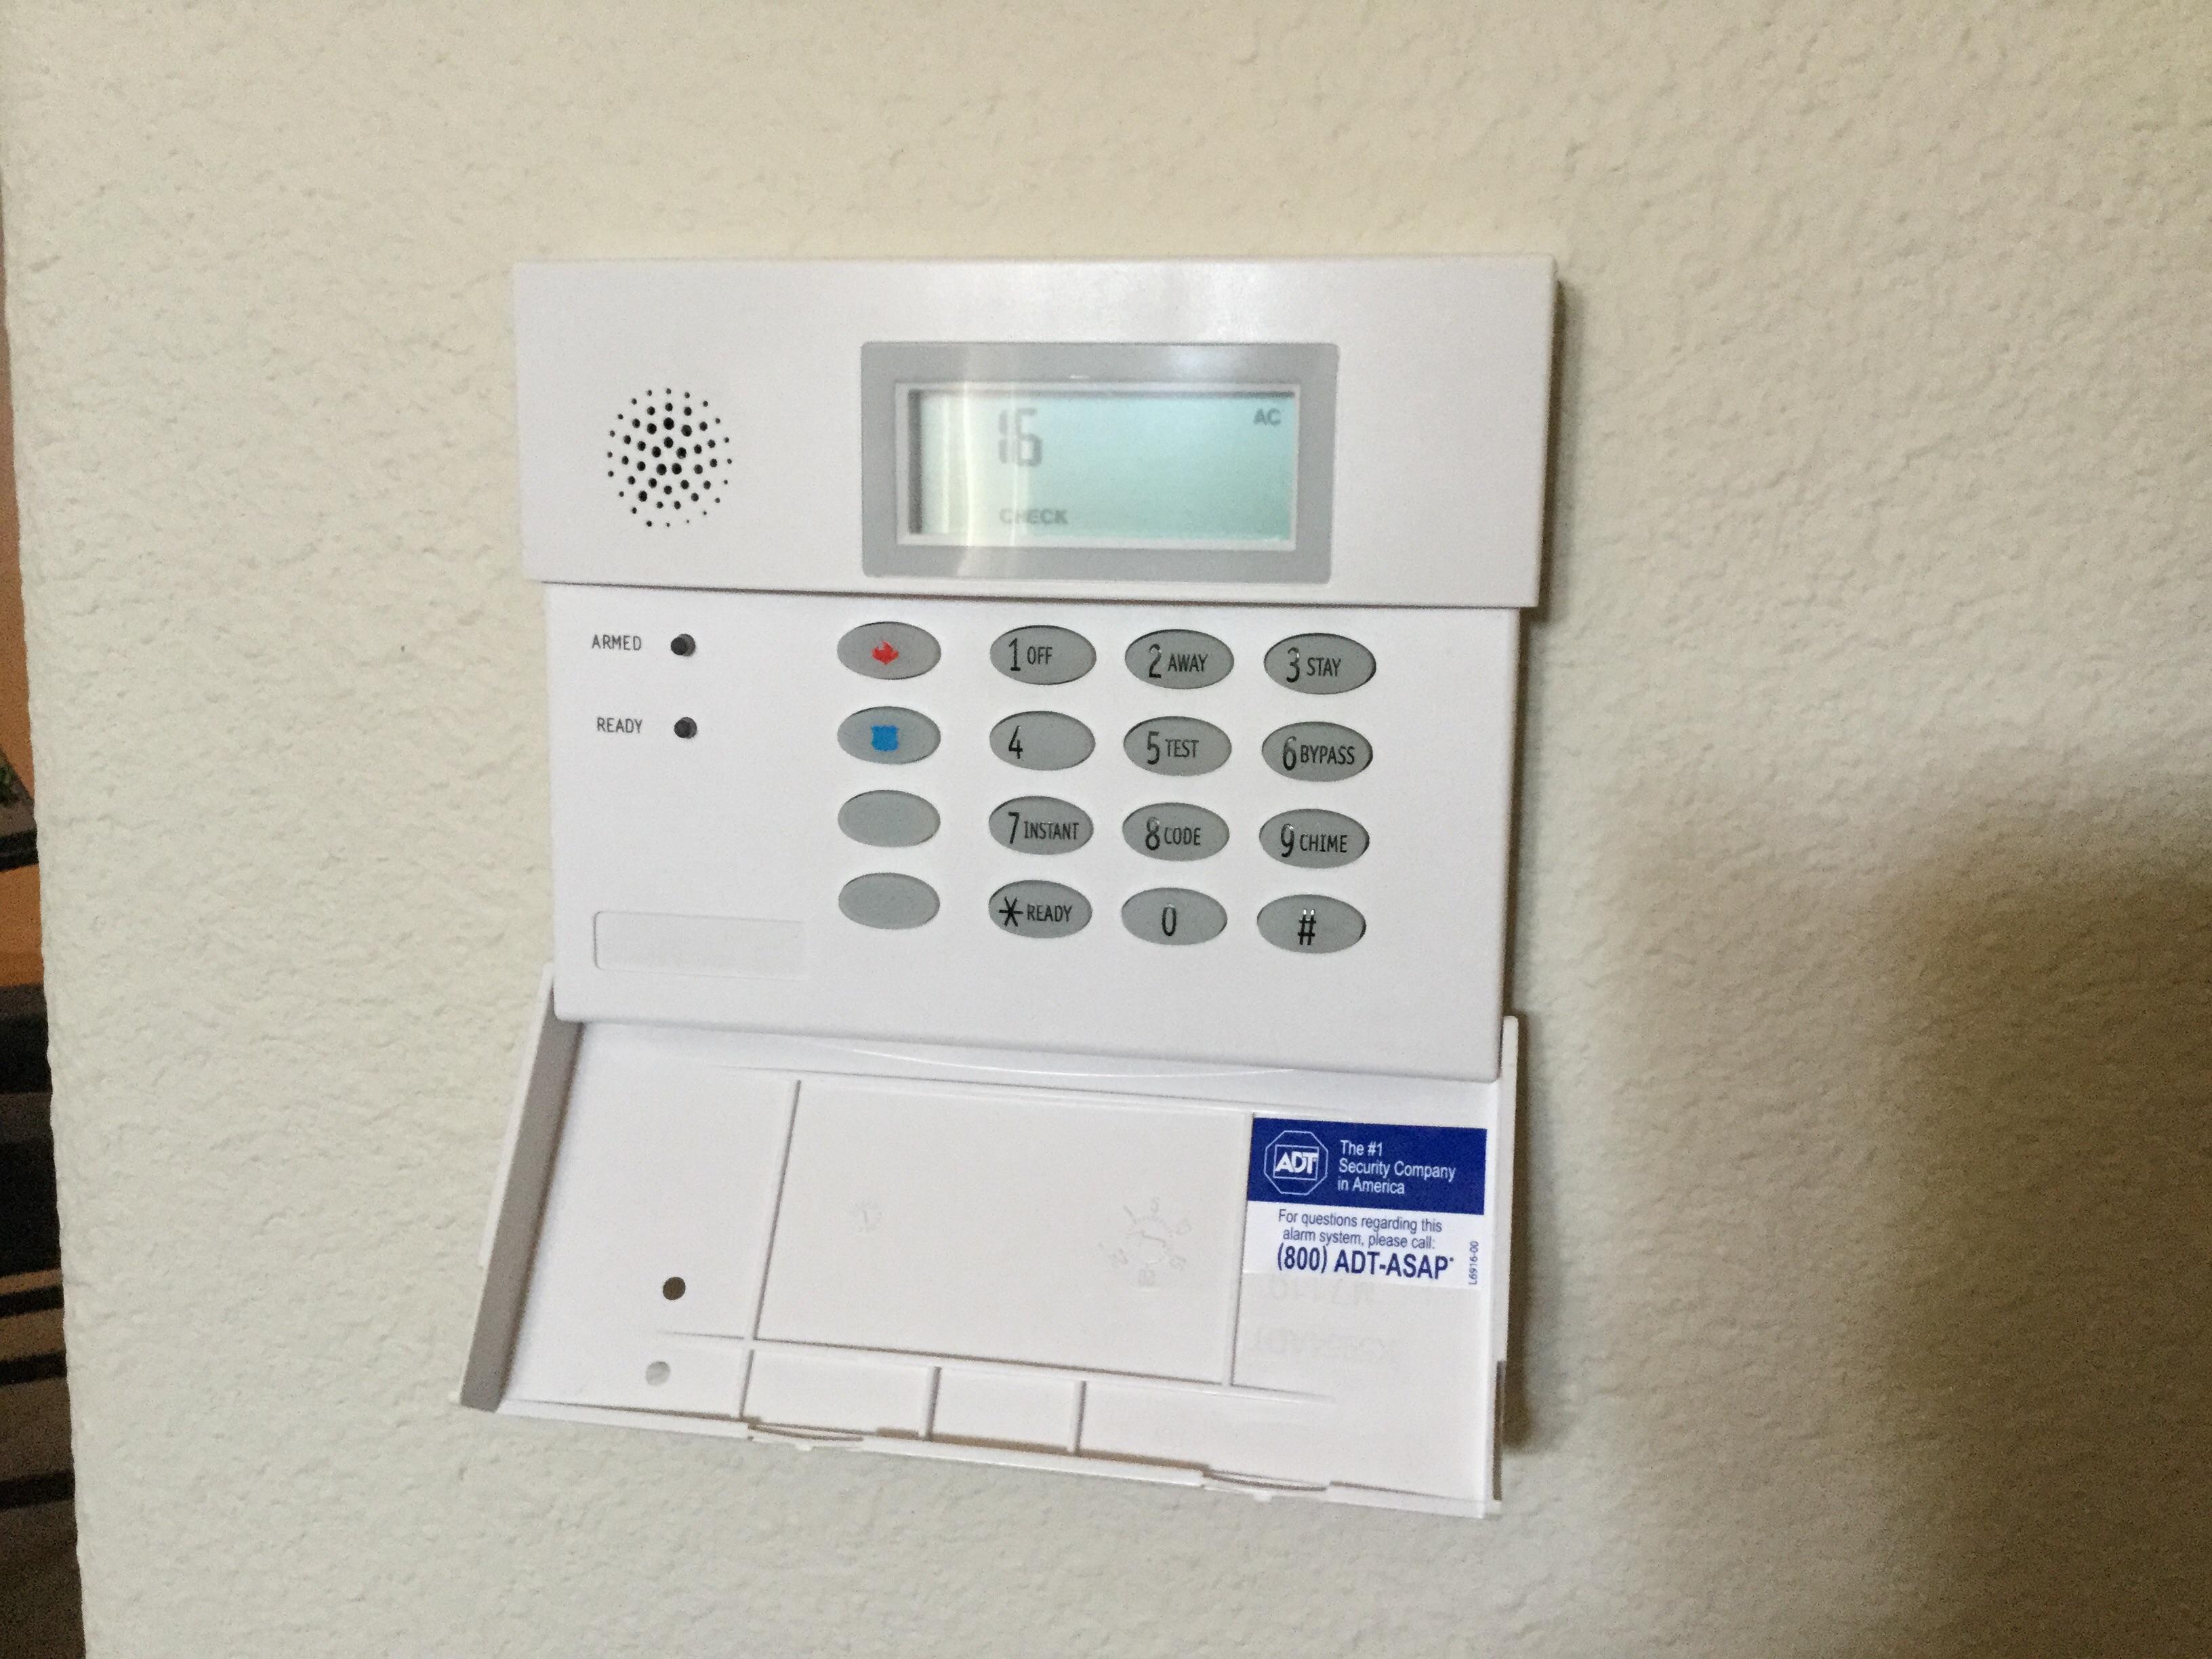 adt safewatch keypad wiring diagram 19 7 stromoeko de \u2022safewatch pro  3000 wiring diagram #